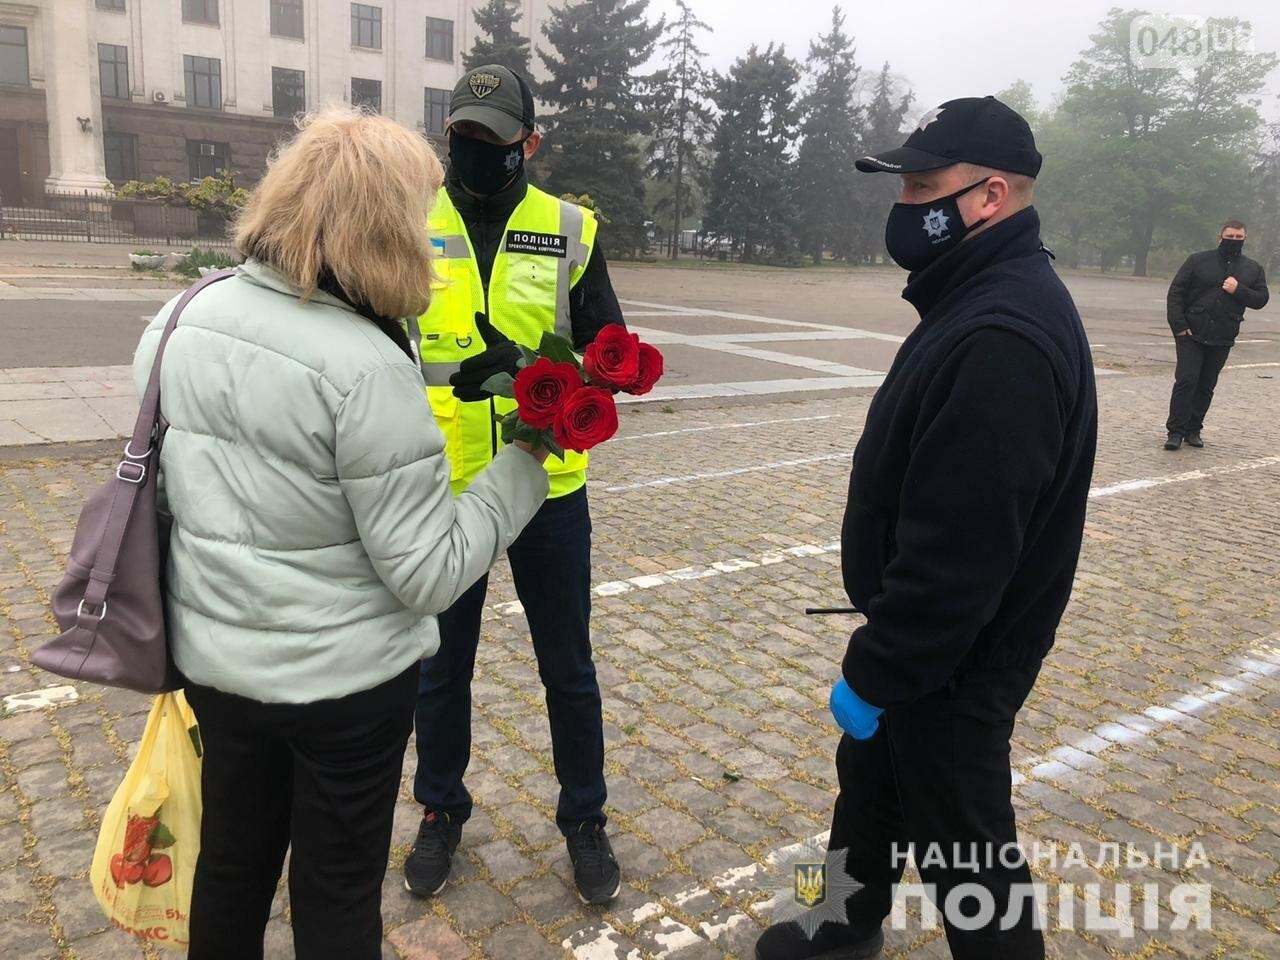 Годовщина событий 2 мая в Одессе: полиция следит за нарушителями карантина, - ФОТО, ВИДЕО, фото-1